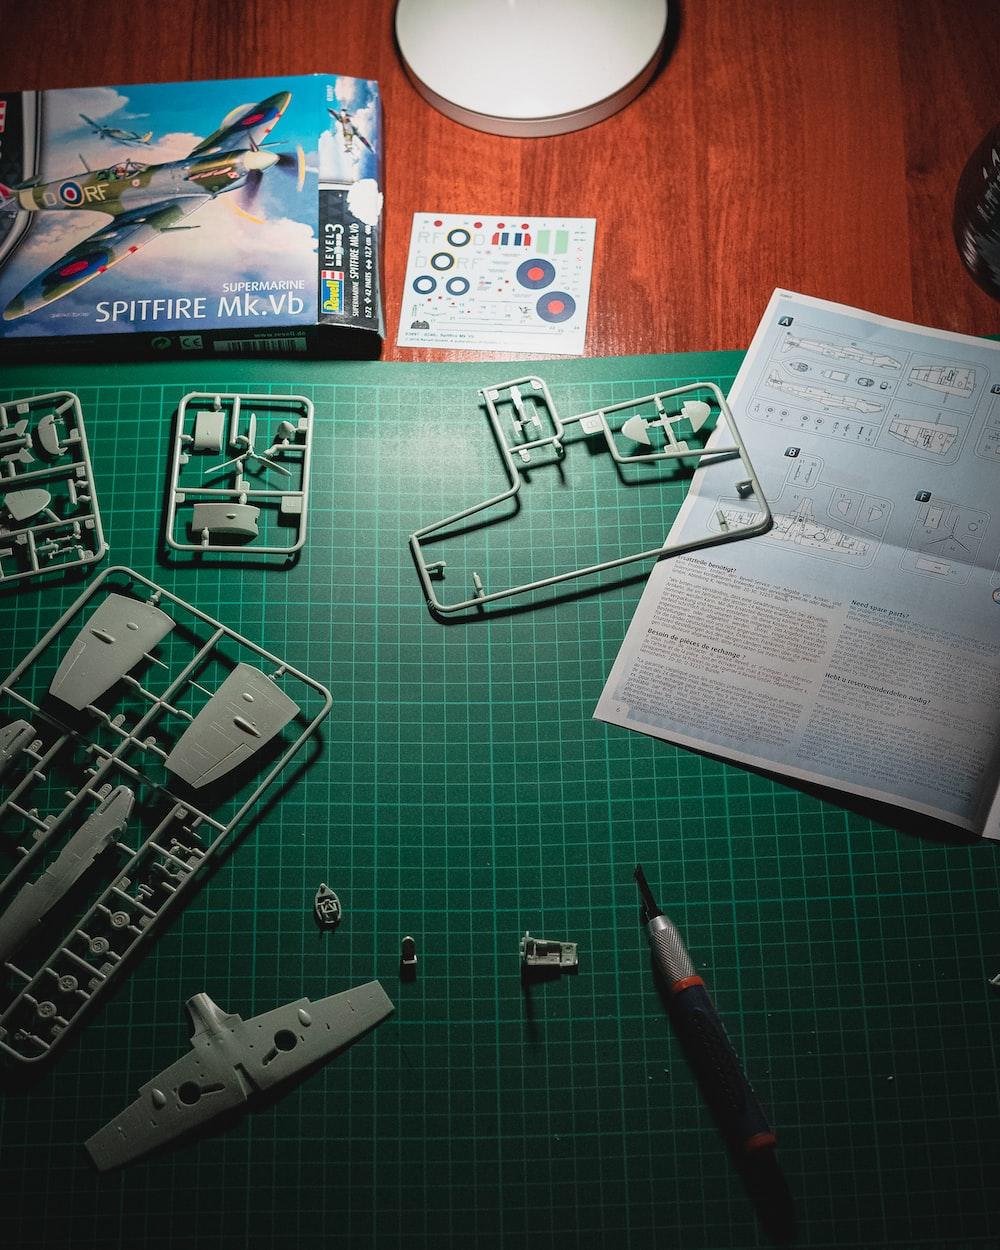 black click pen beside white printer paper on table